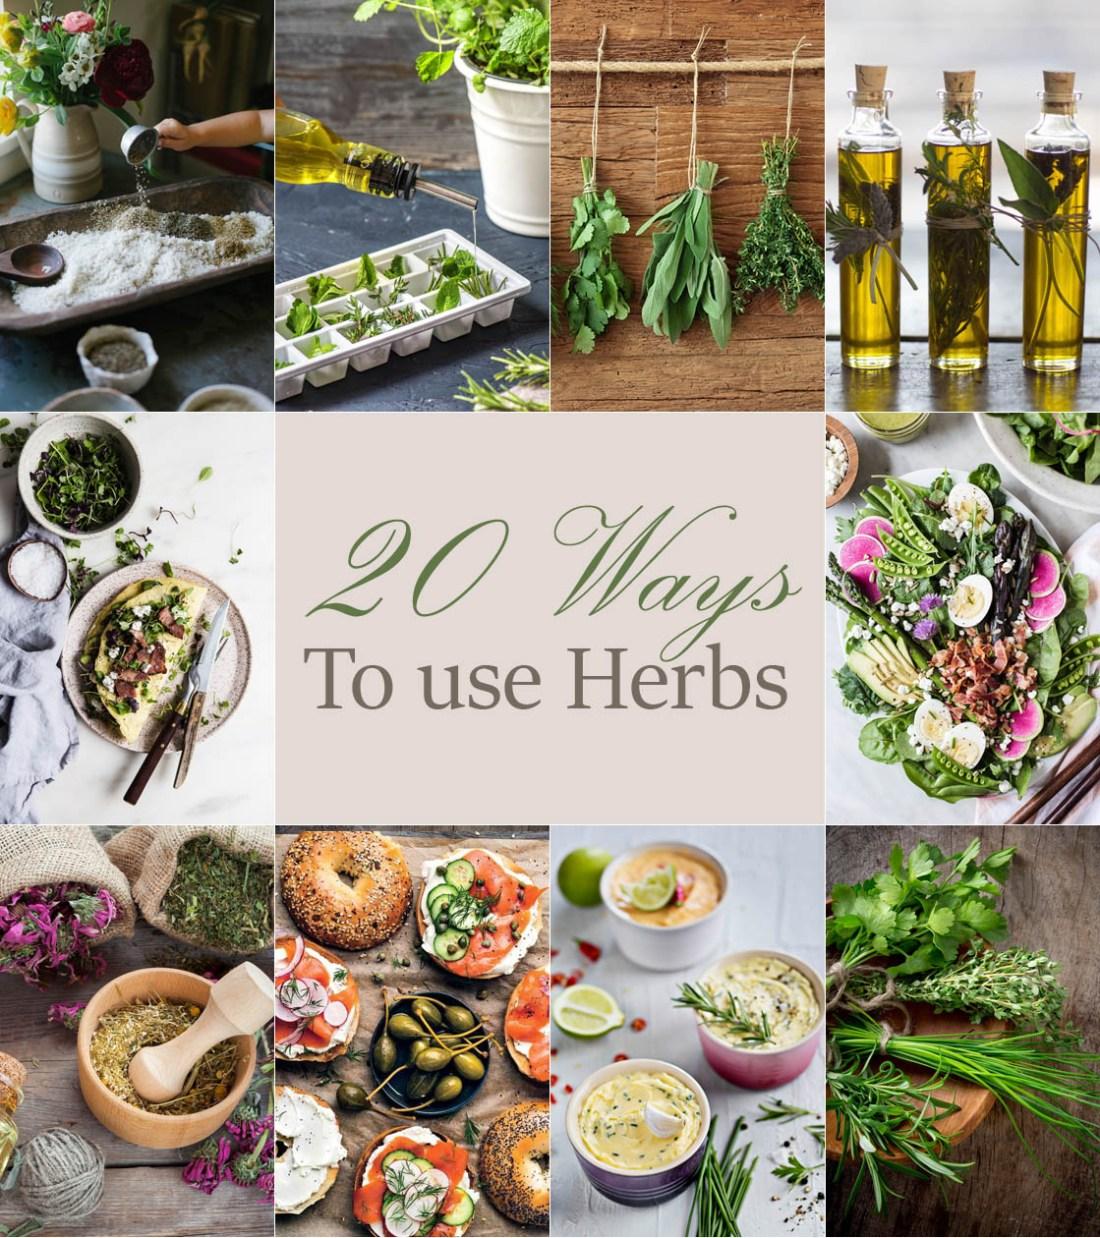 20 Ways to Use Herbs